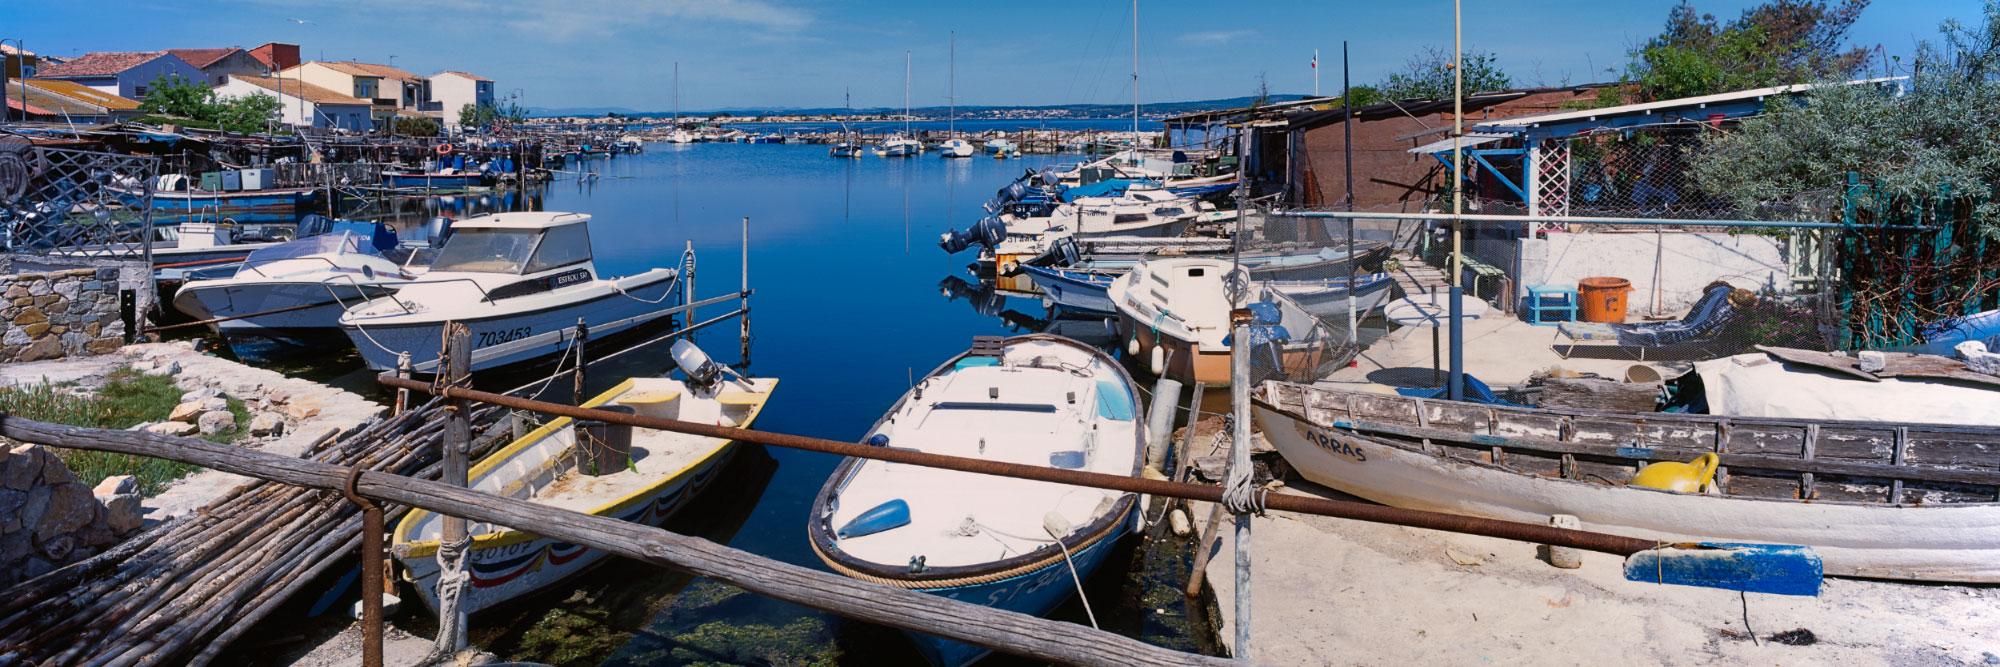 Petit port de pêche, La Pointe Courte, Sète